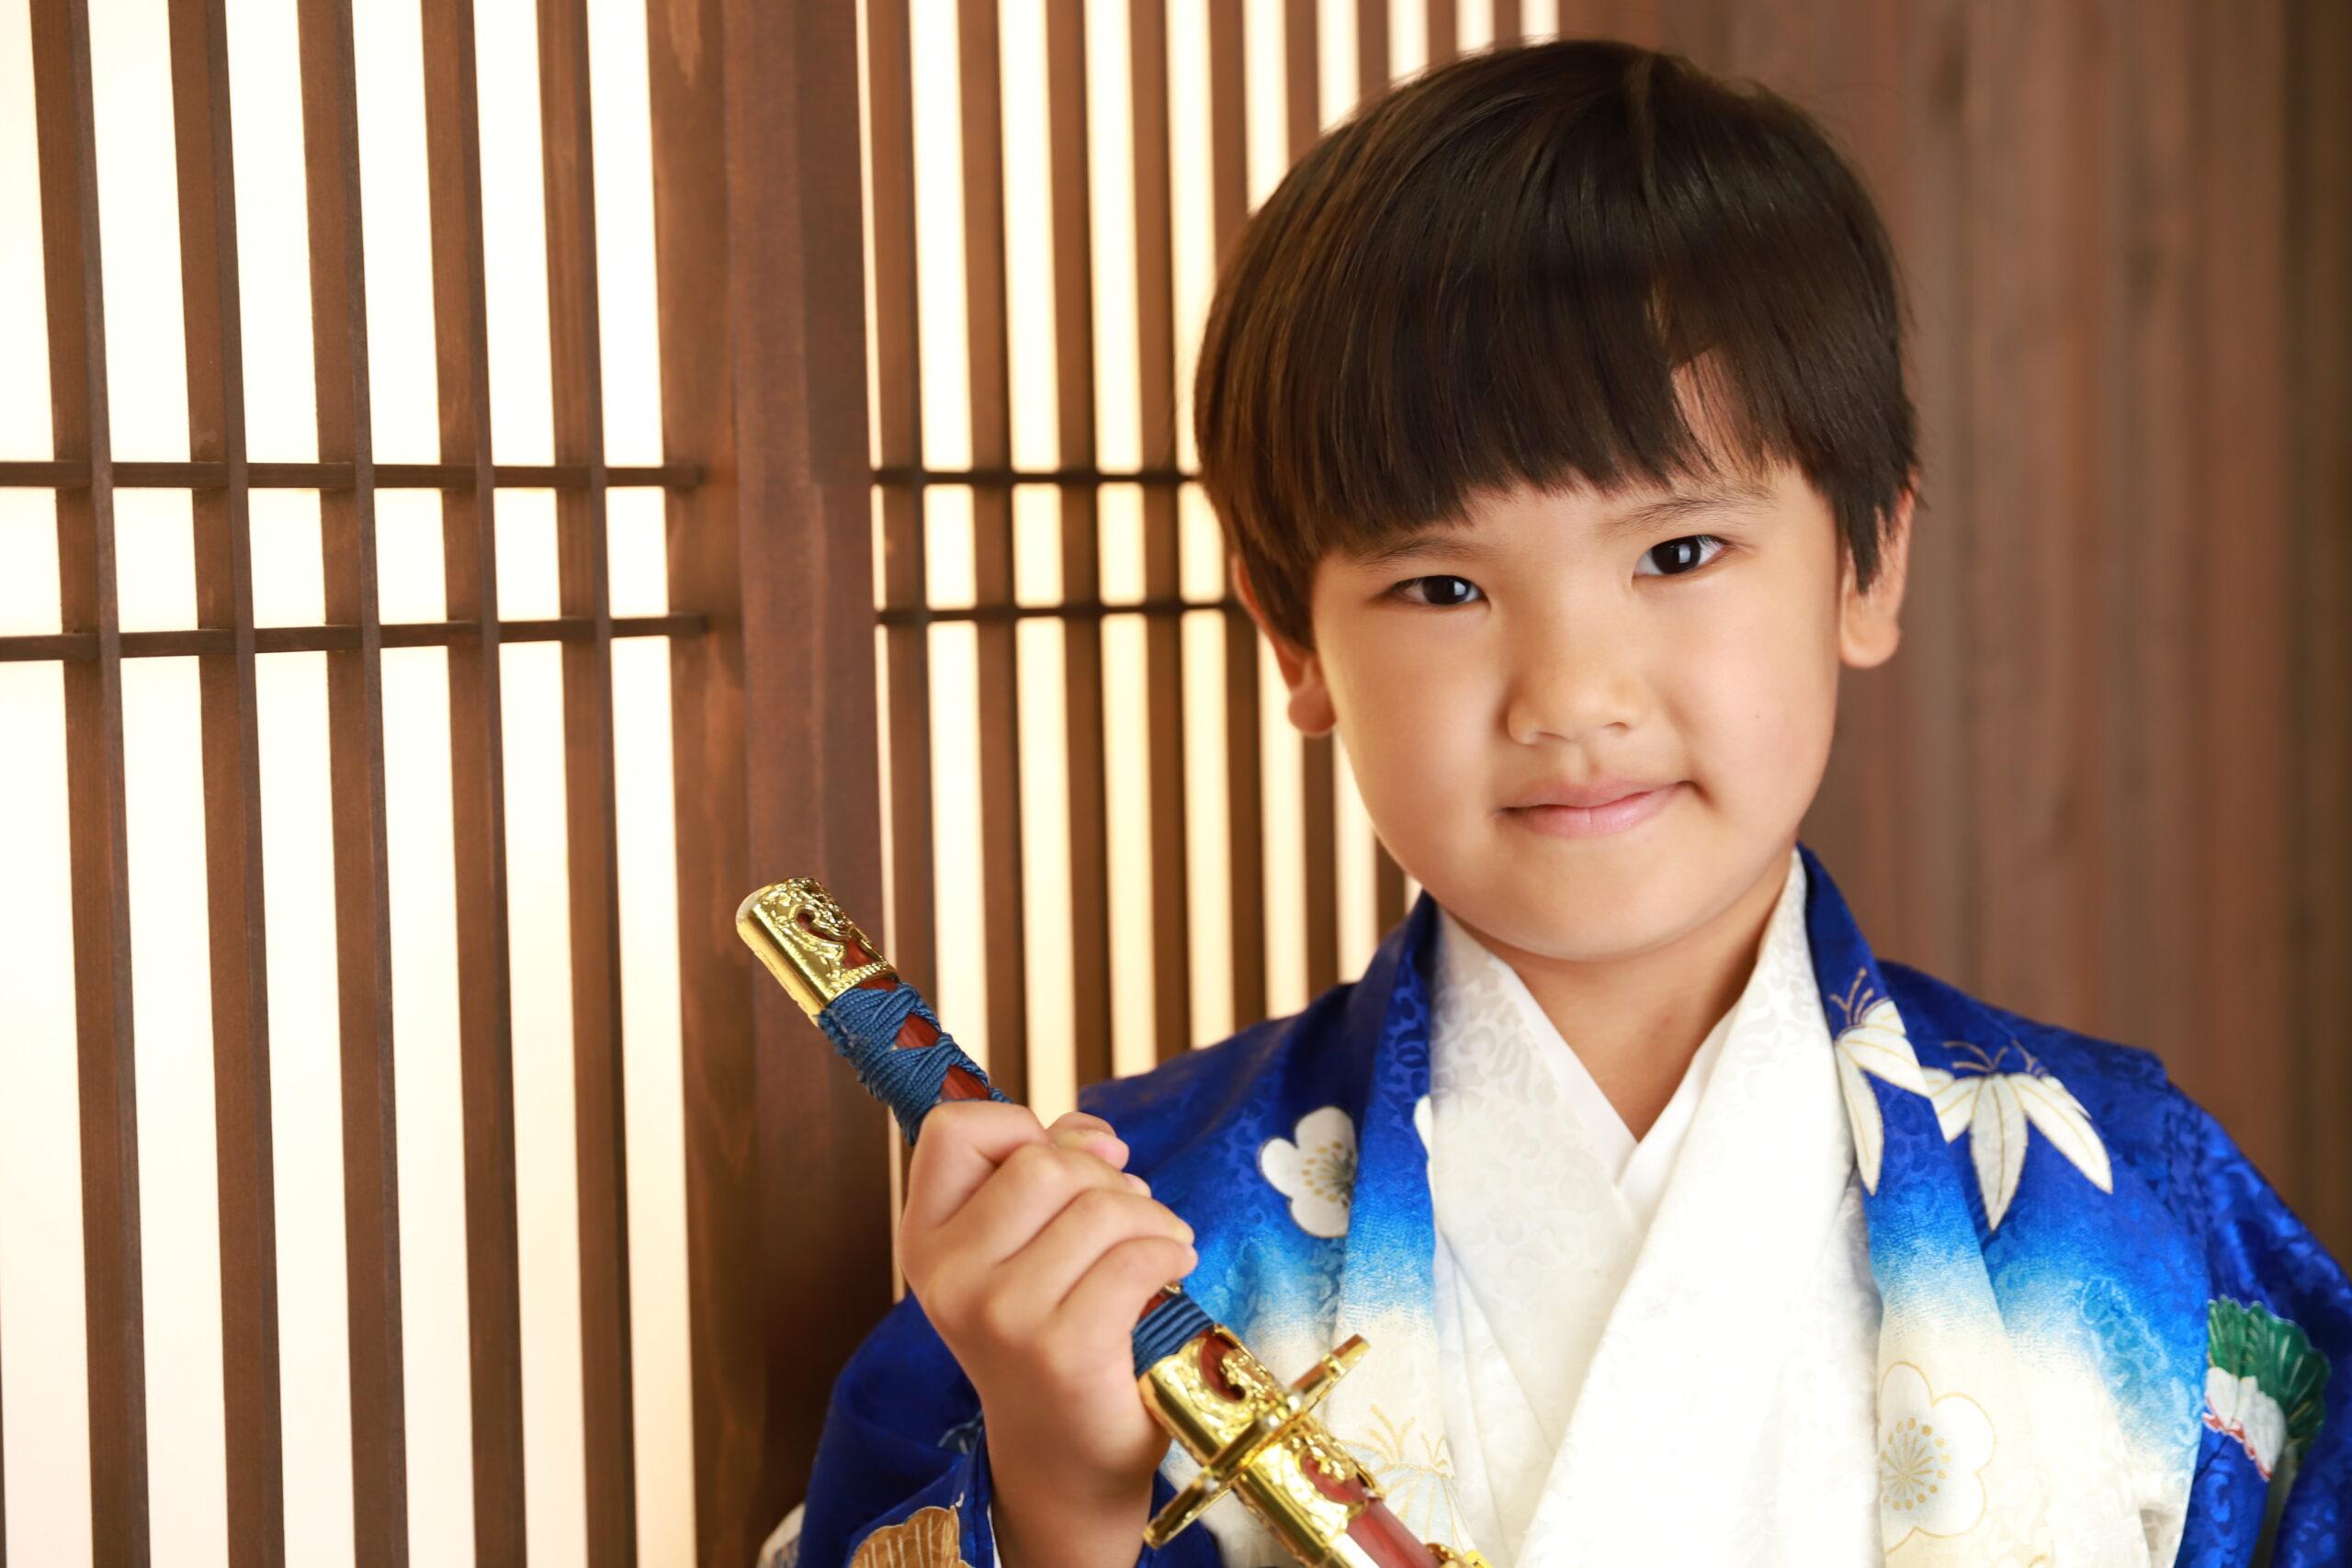 5歳の七五三 青と白の着物